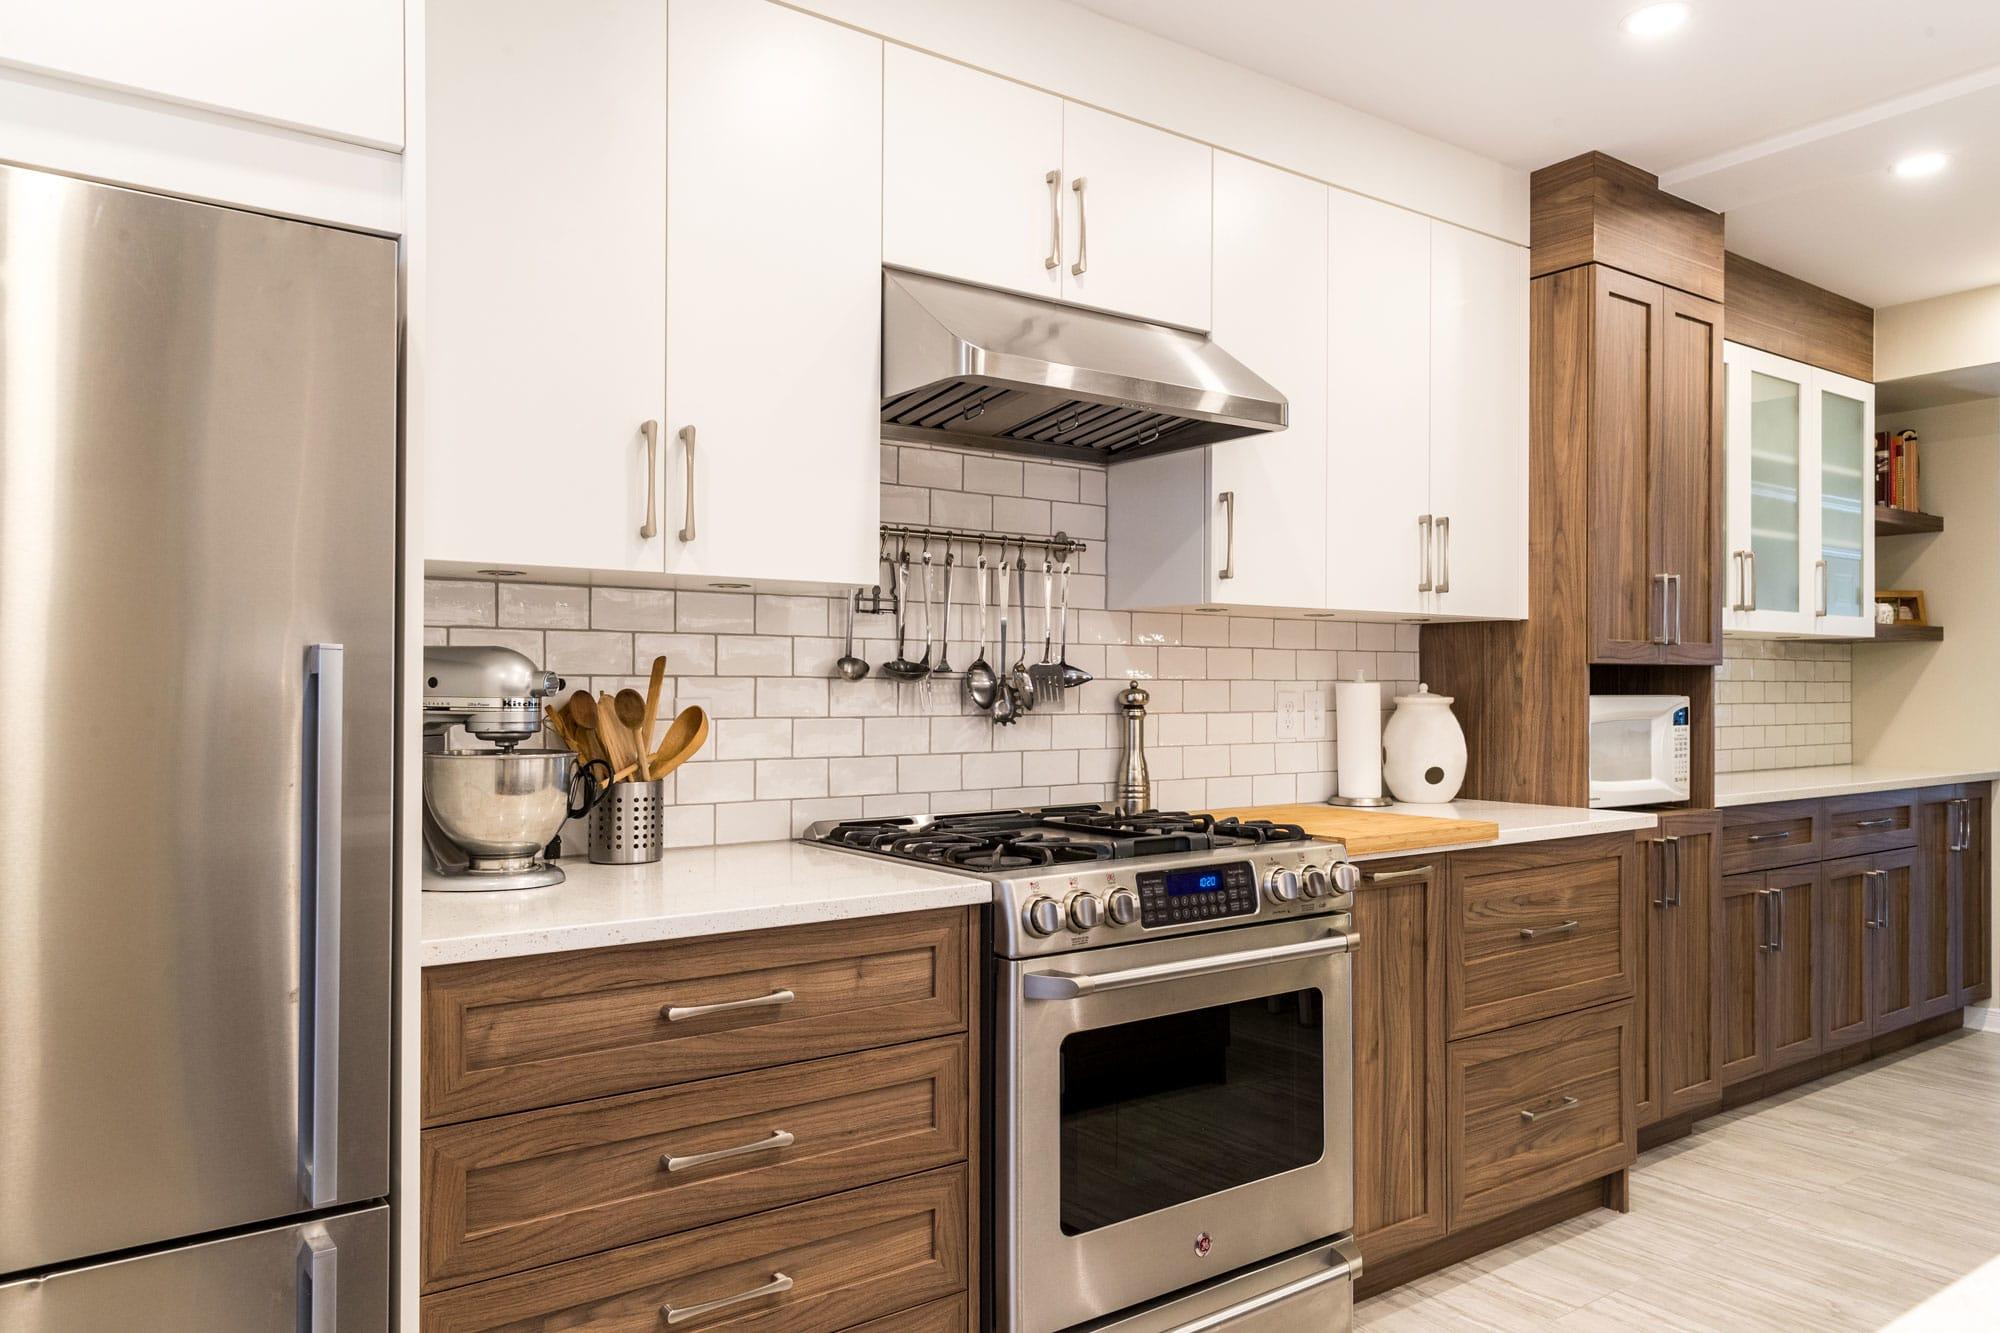 Rénovation d'une cuisine classique à Montréal avec photos, idées ...